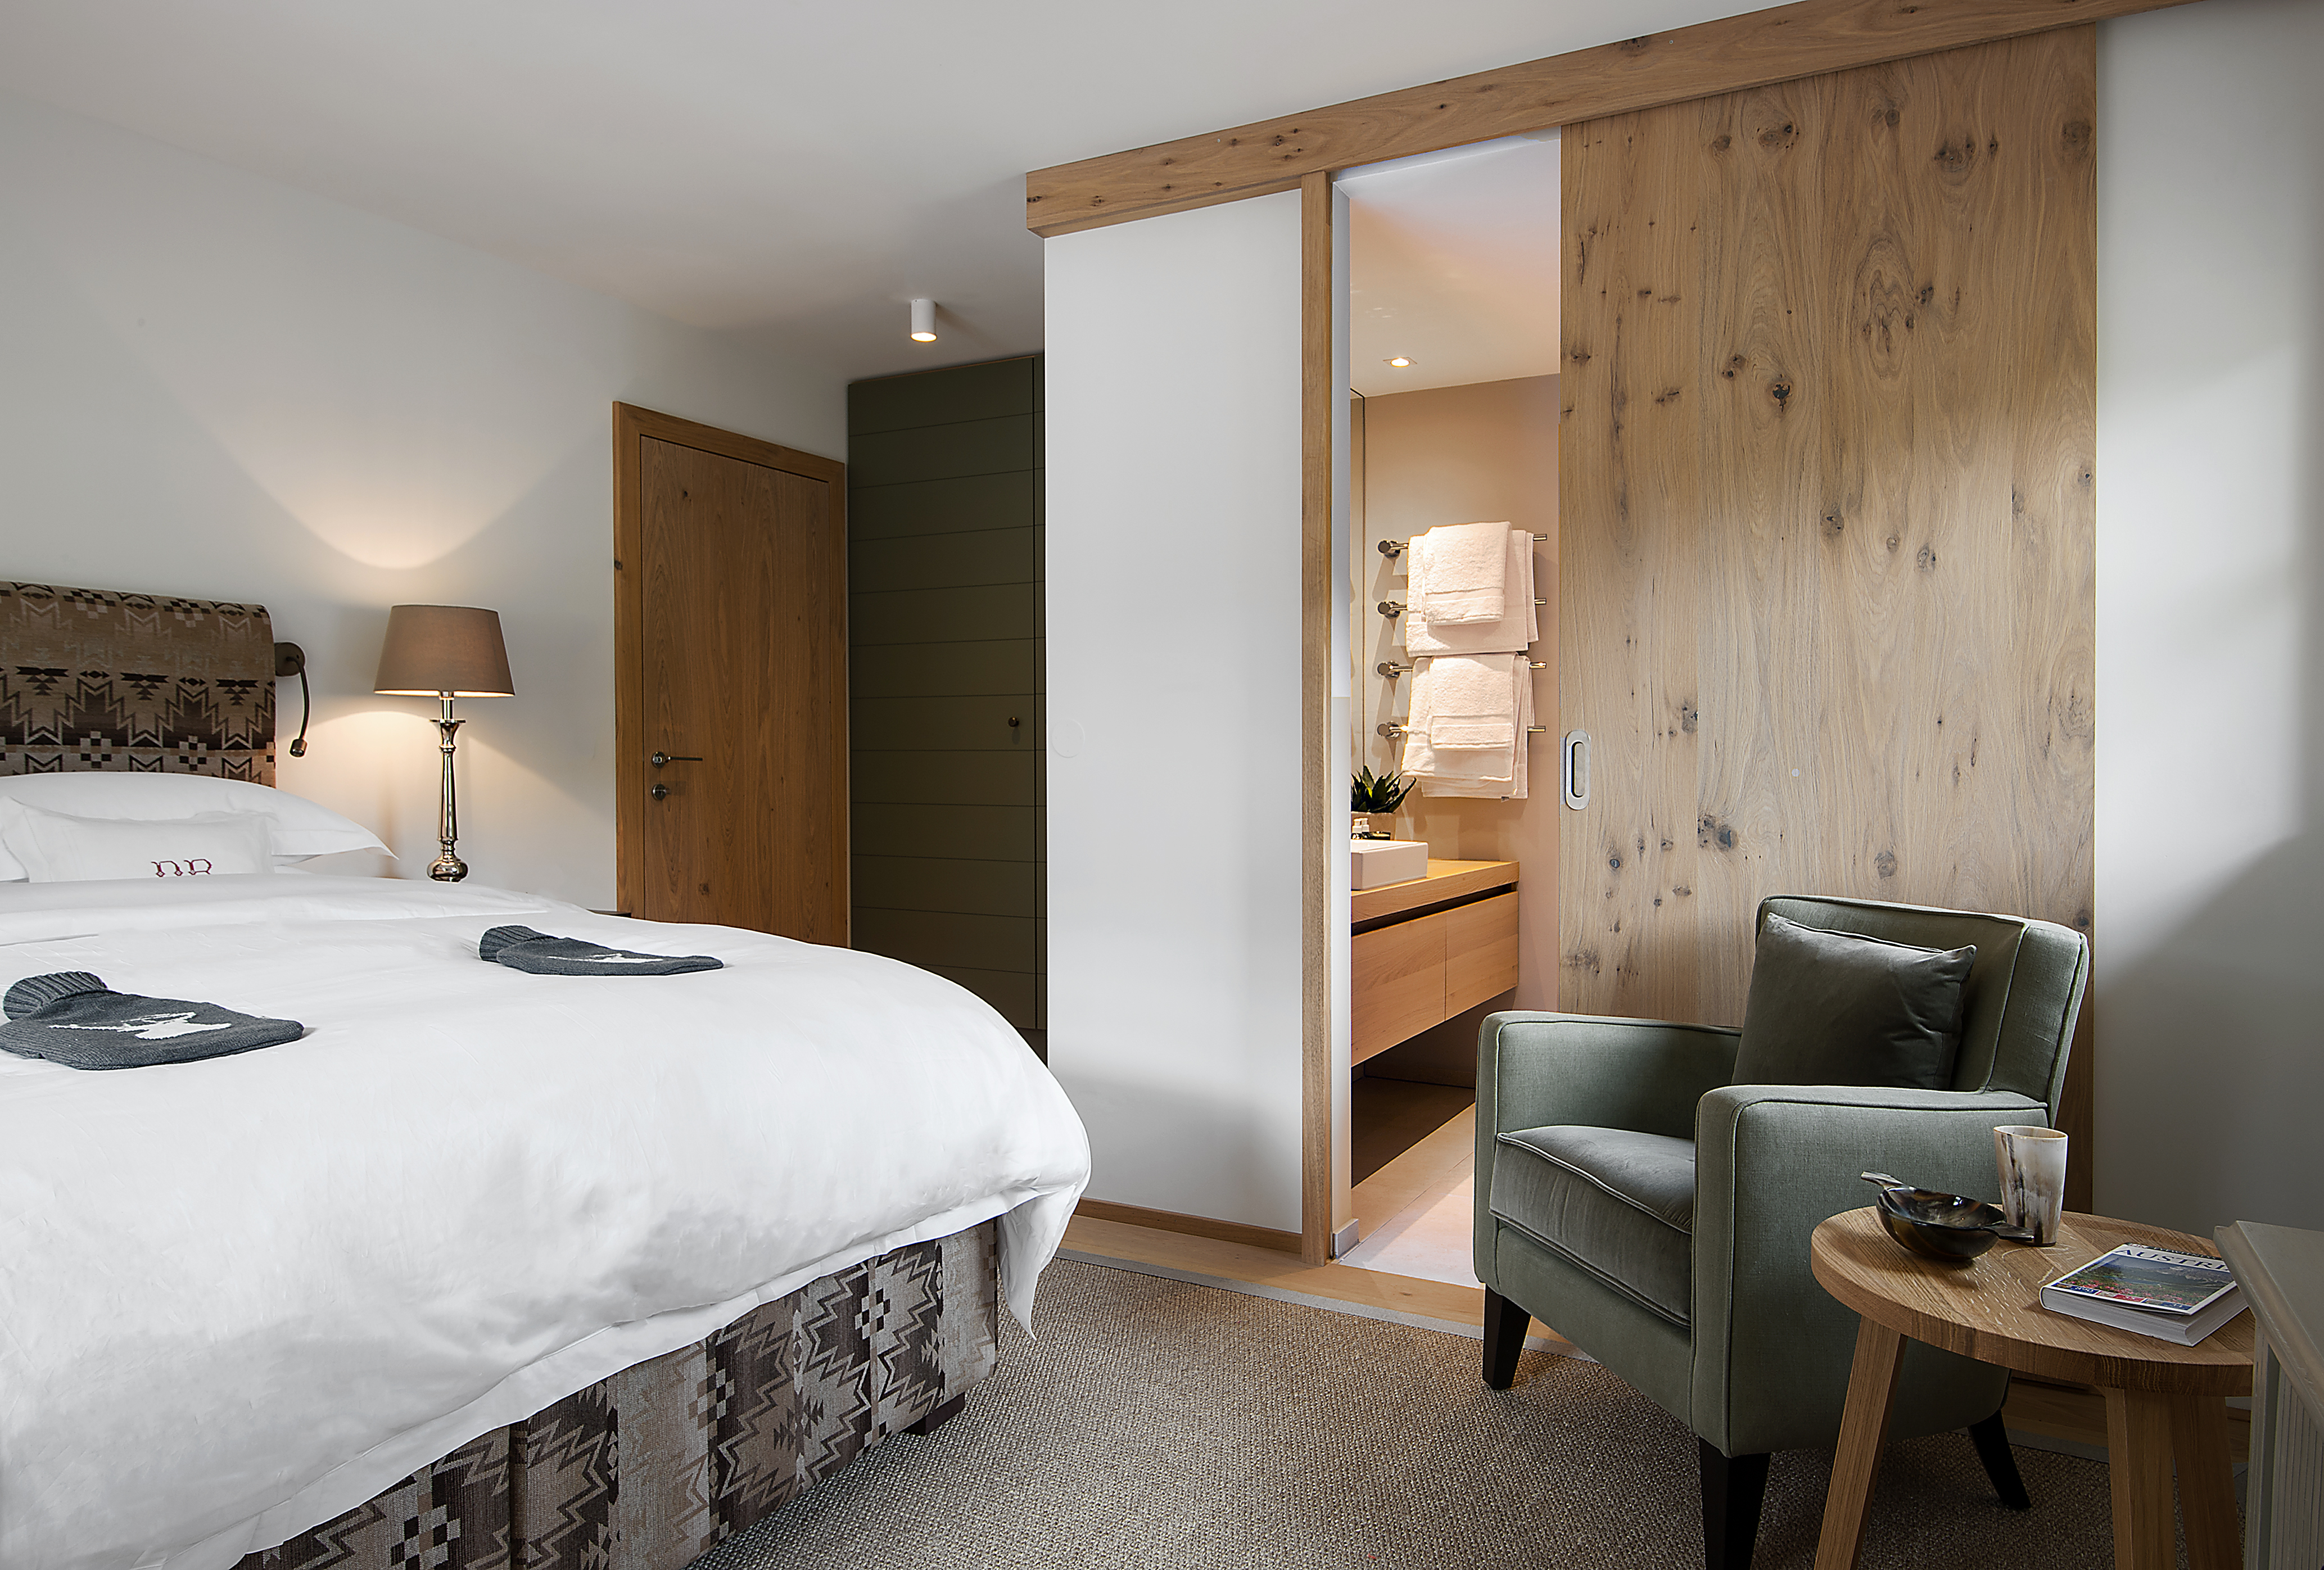 Silder - Apartment 5 - Schlafzimmer